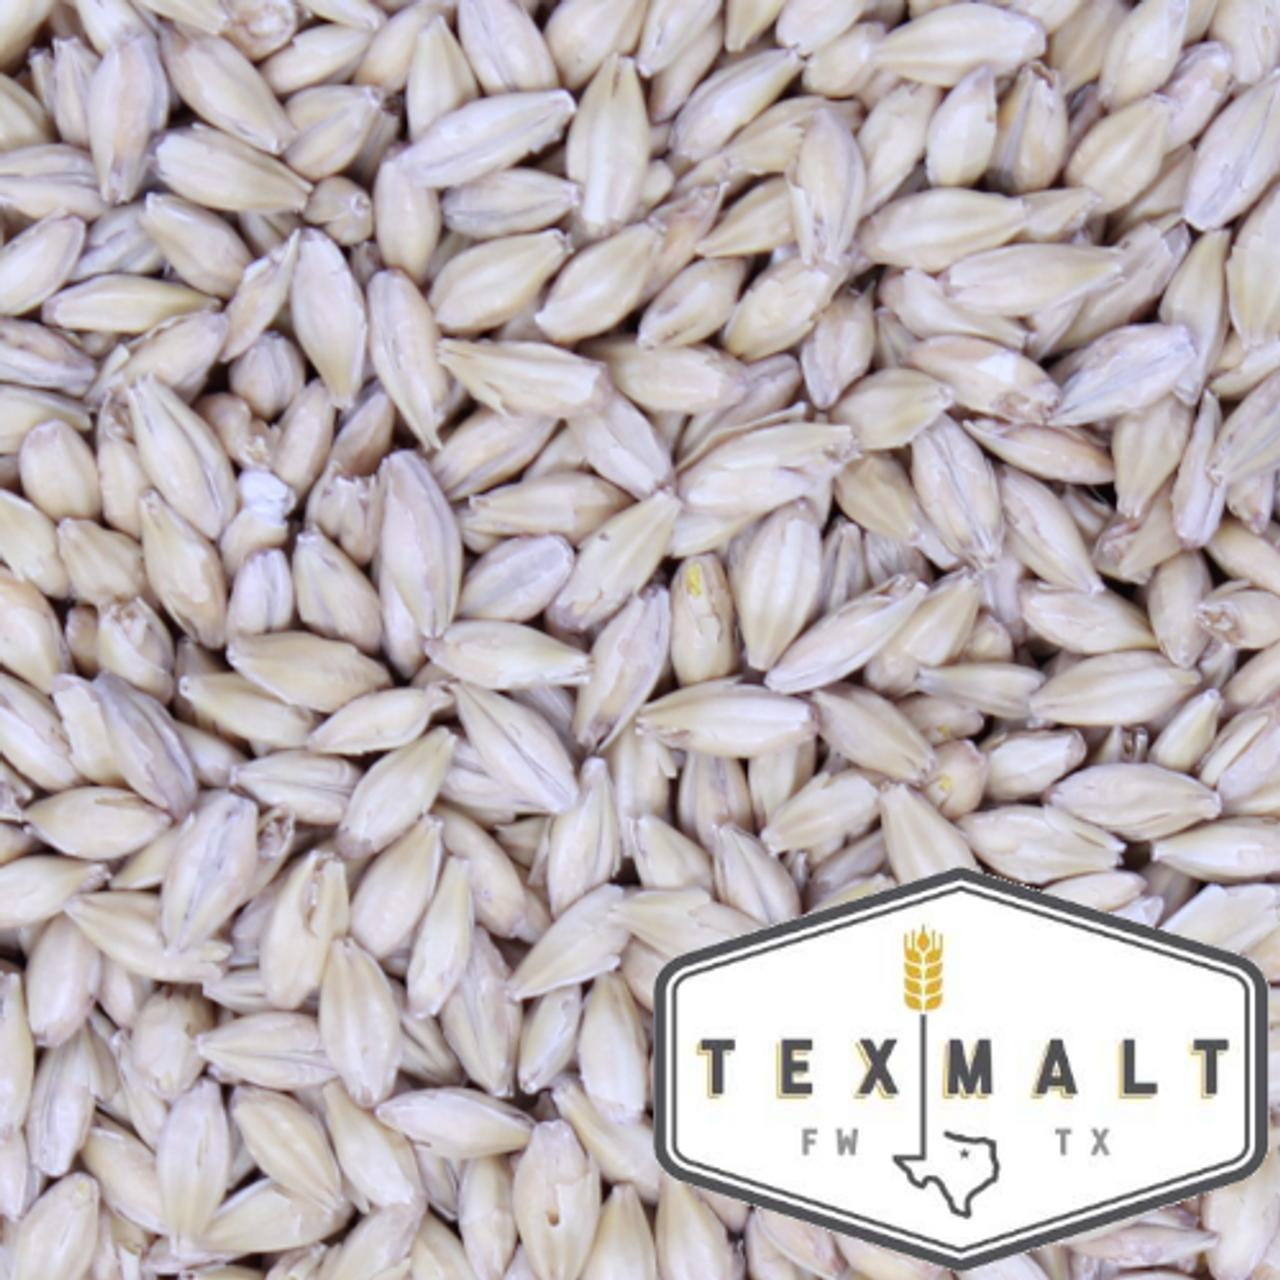 TexMalt Malts (Texas)